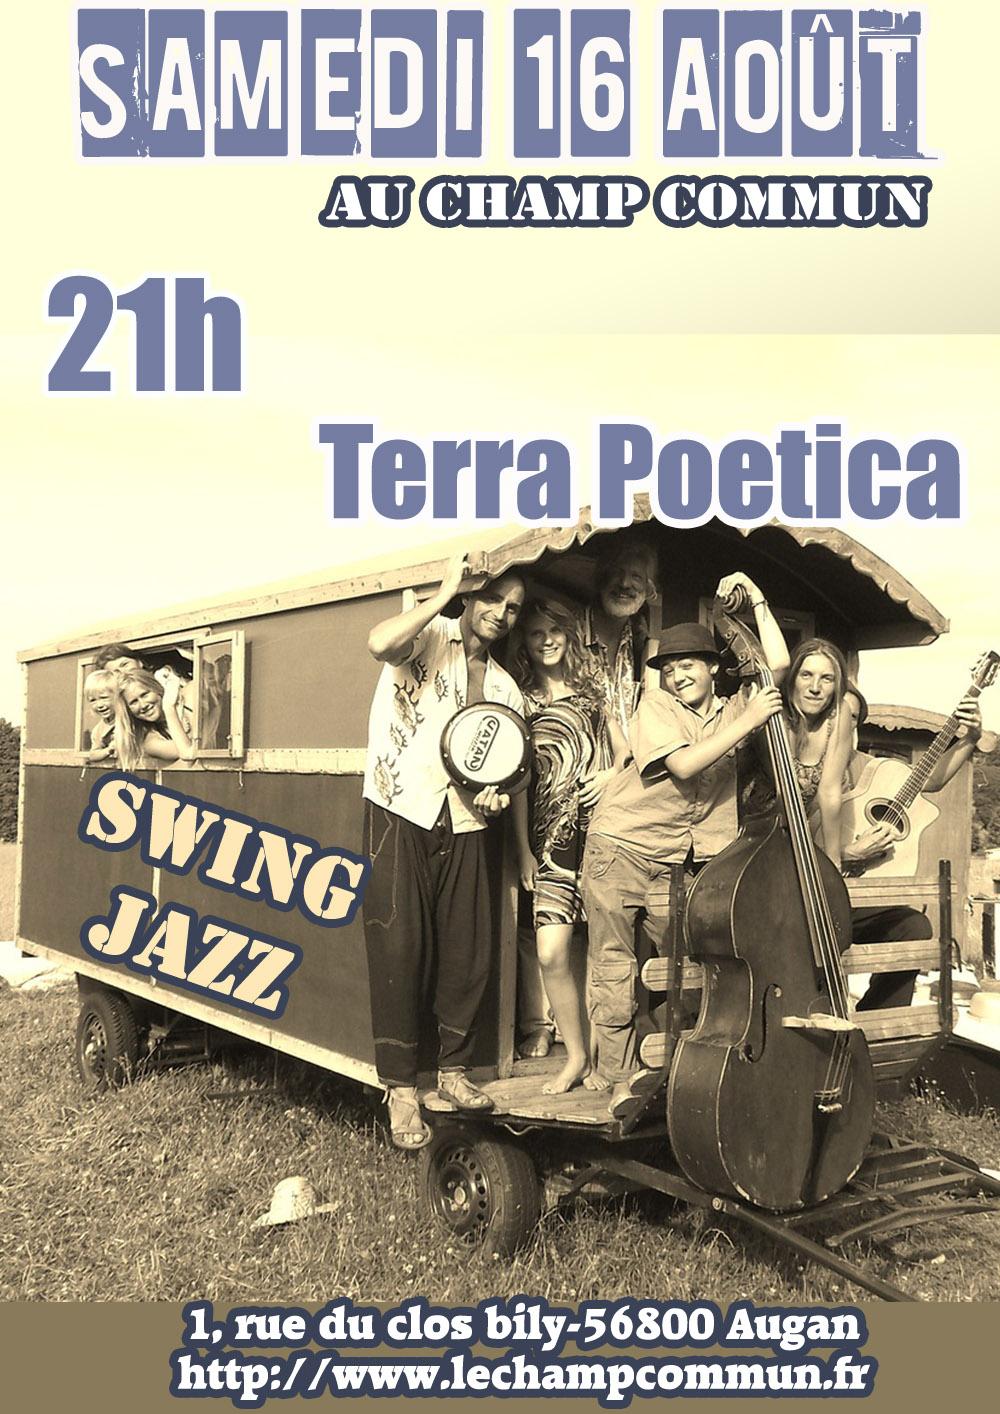 Samedi 16 août à 21h- Jazz Swing  avec terra poetica